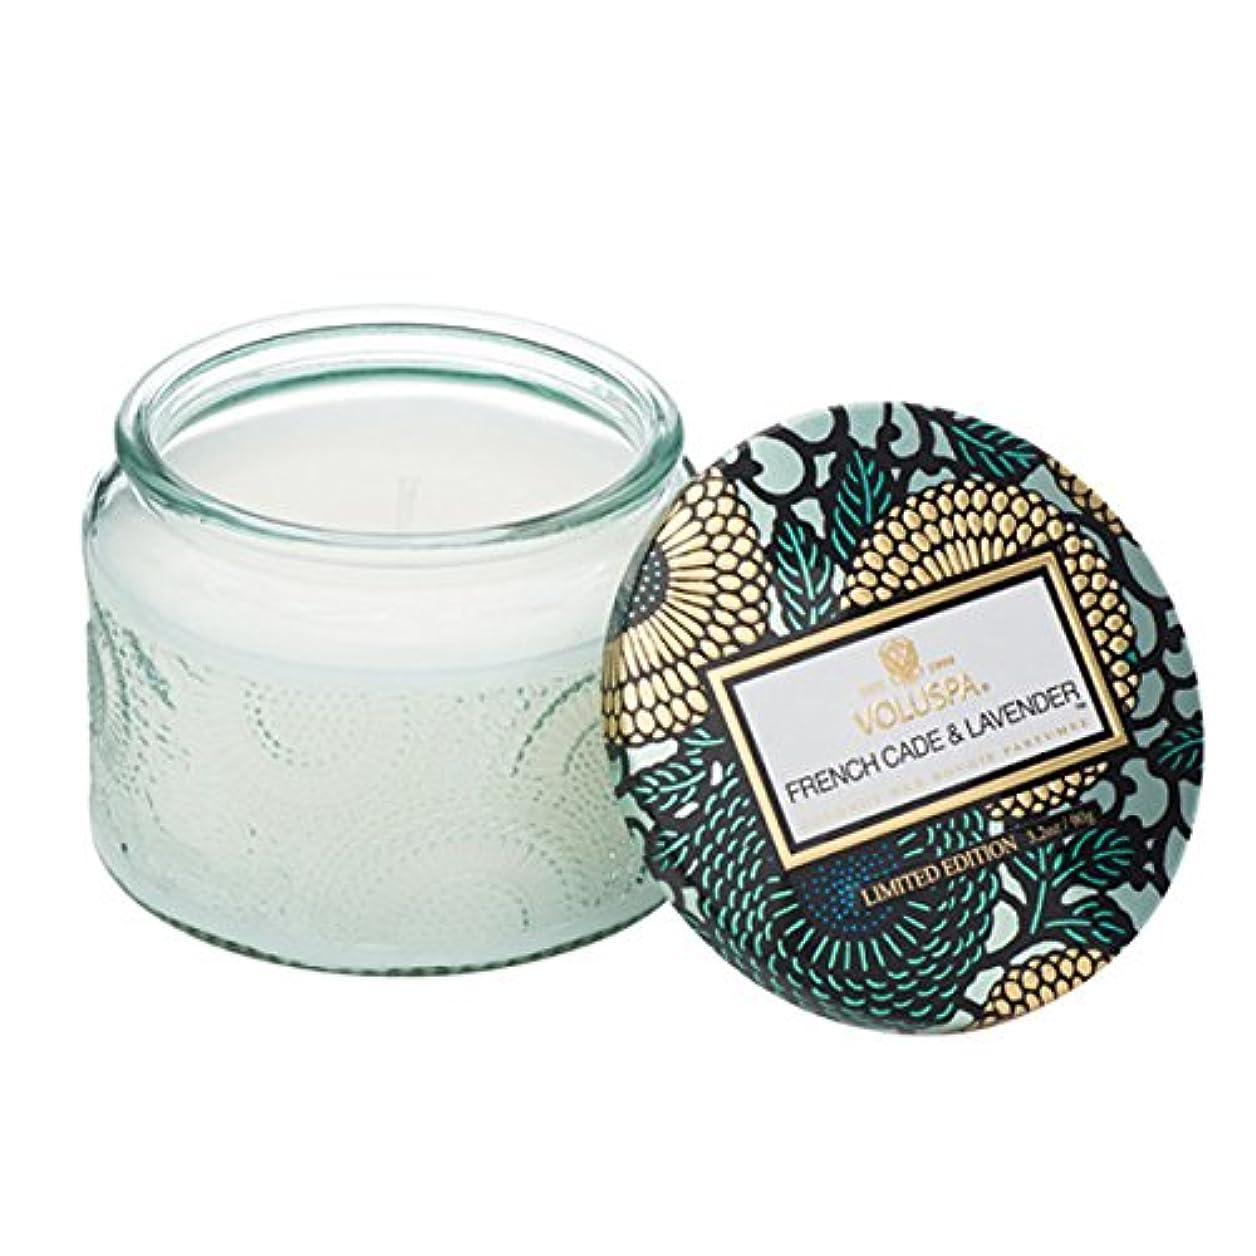 太い準備した企業Voluspa ボルスパ ジャポニカ リミテッド グラスジャーキャンドル  S フレンチケード&ラベンダー FRENCH CADE LAVENDER  JAPONICA Limited PETITE EMBOSSED Glass jar candle